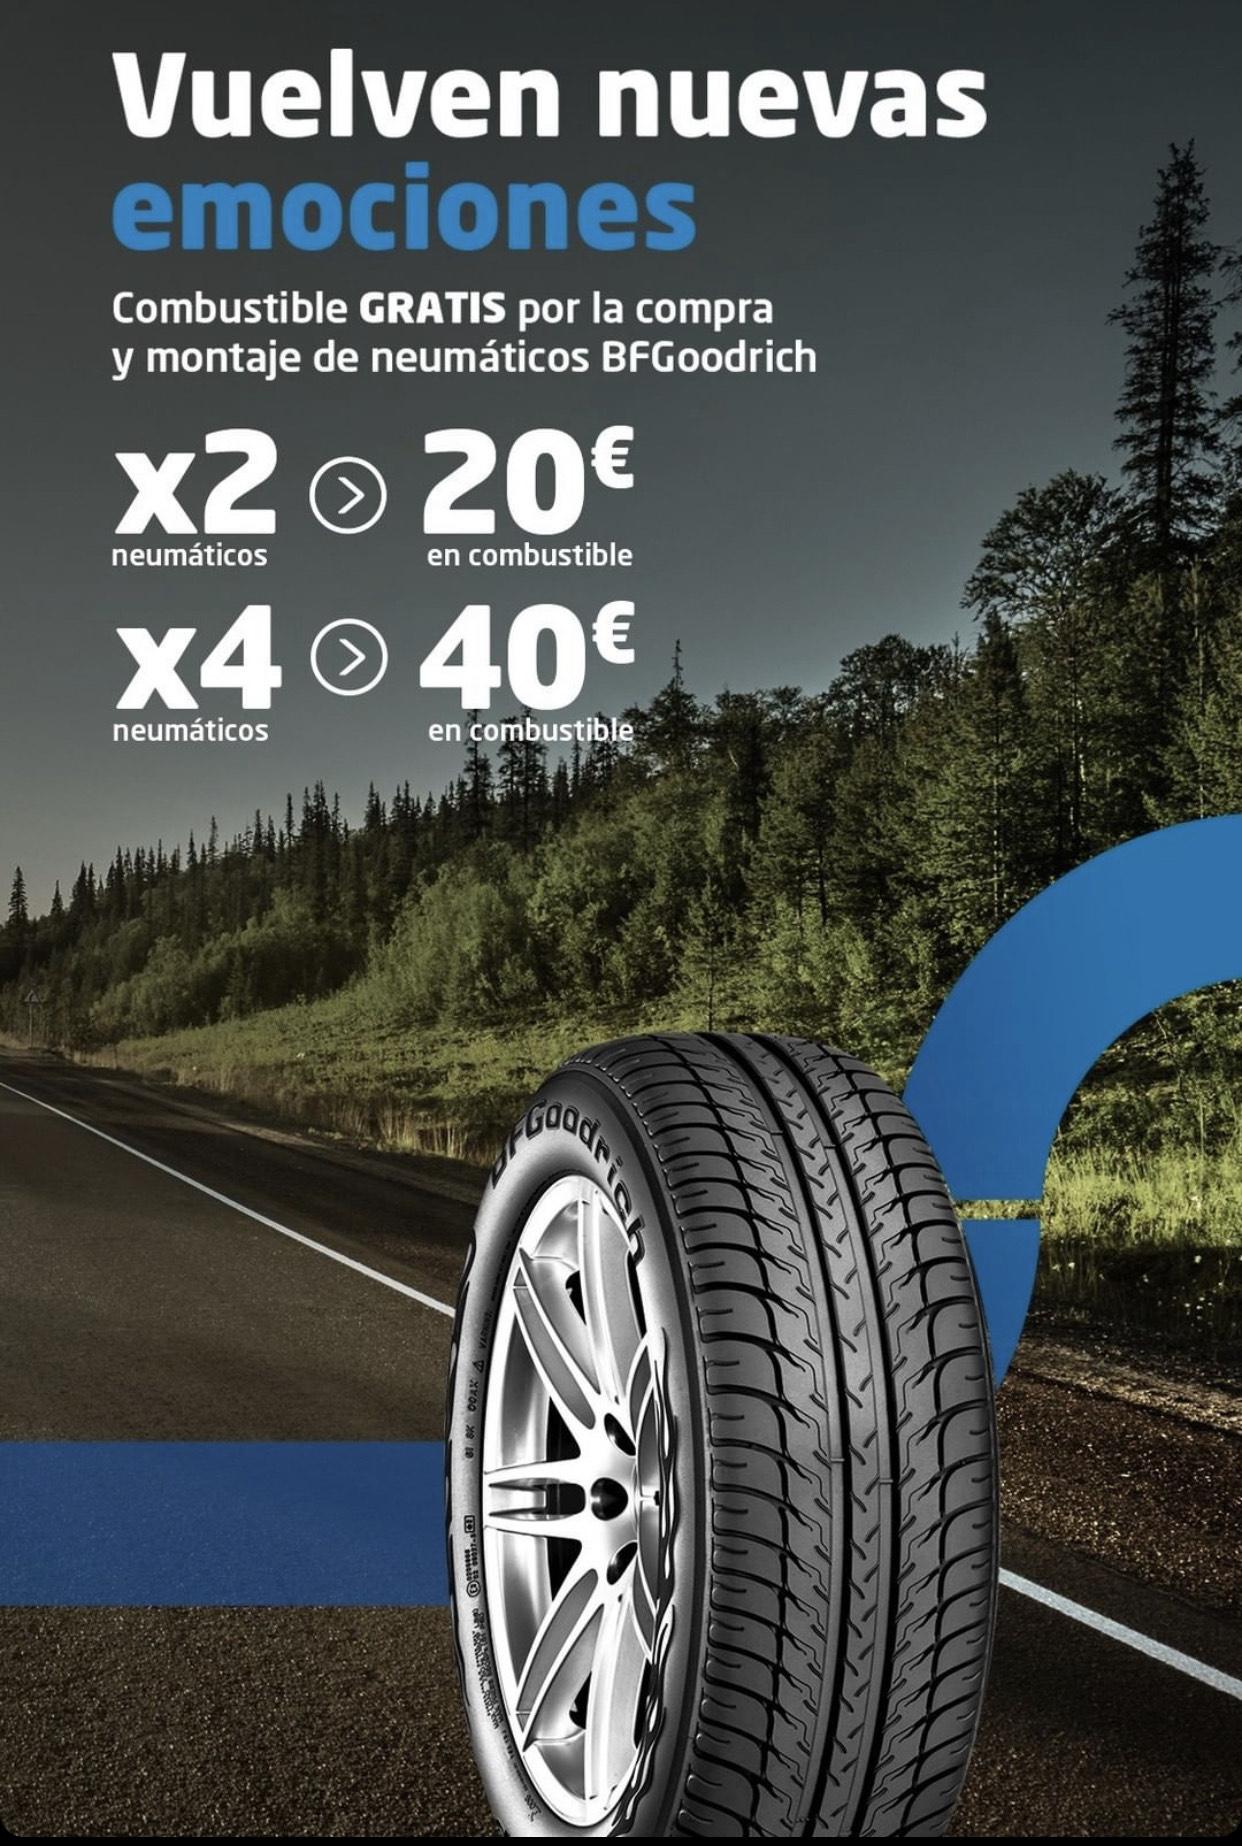 40€ en gasolina al comprar 4 neumáticos